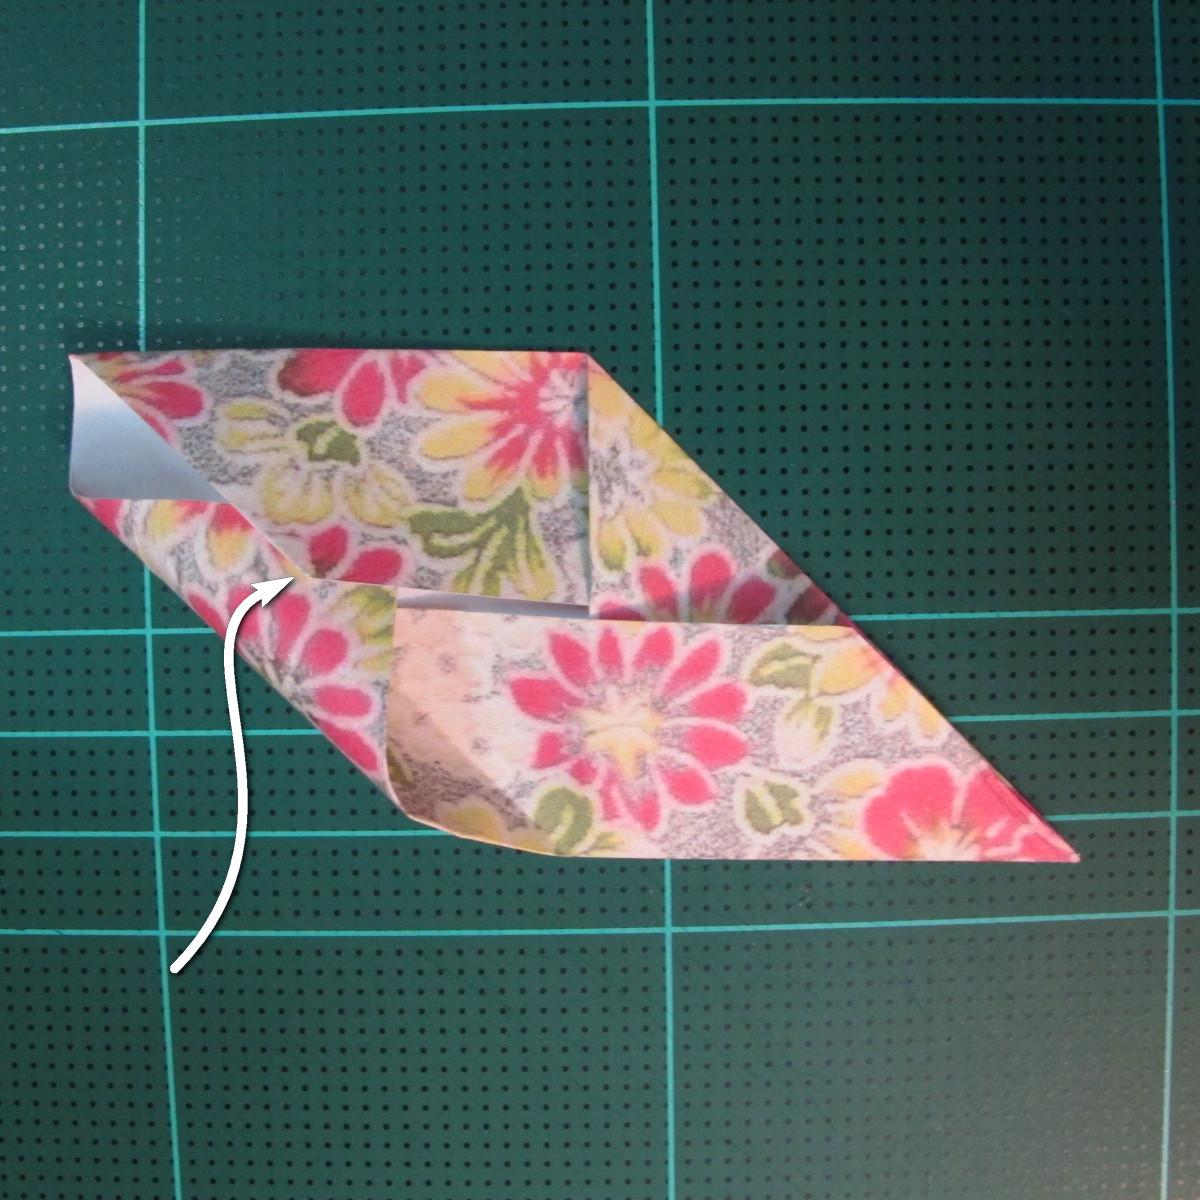 การพับกระดาษเป็นรูปเรขาคณิตทรงลูกบาศก์แบบแยกชิ้นประกอบ (Modular Origami Cube) 012